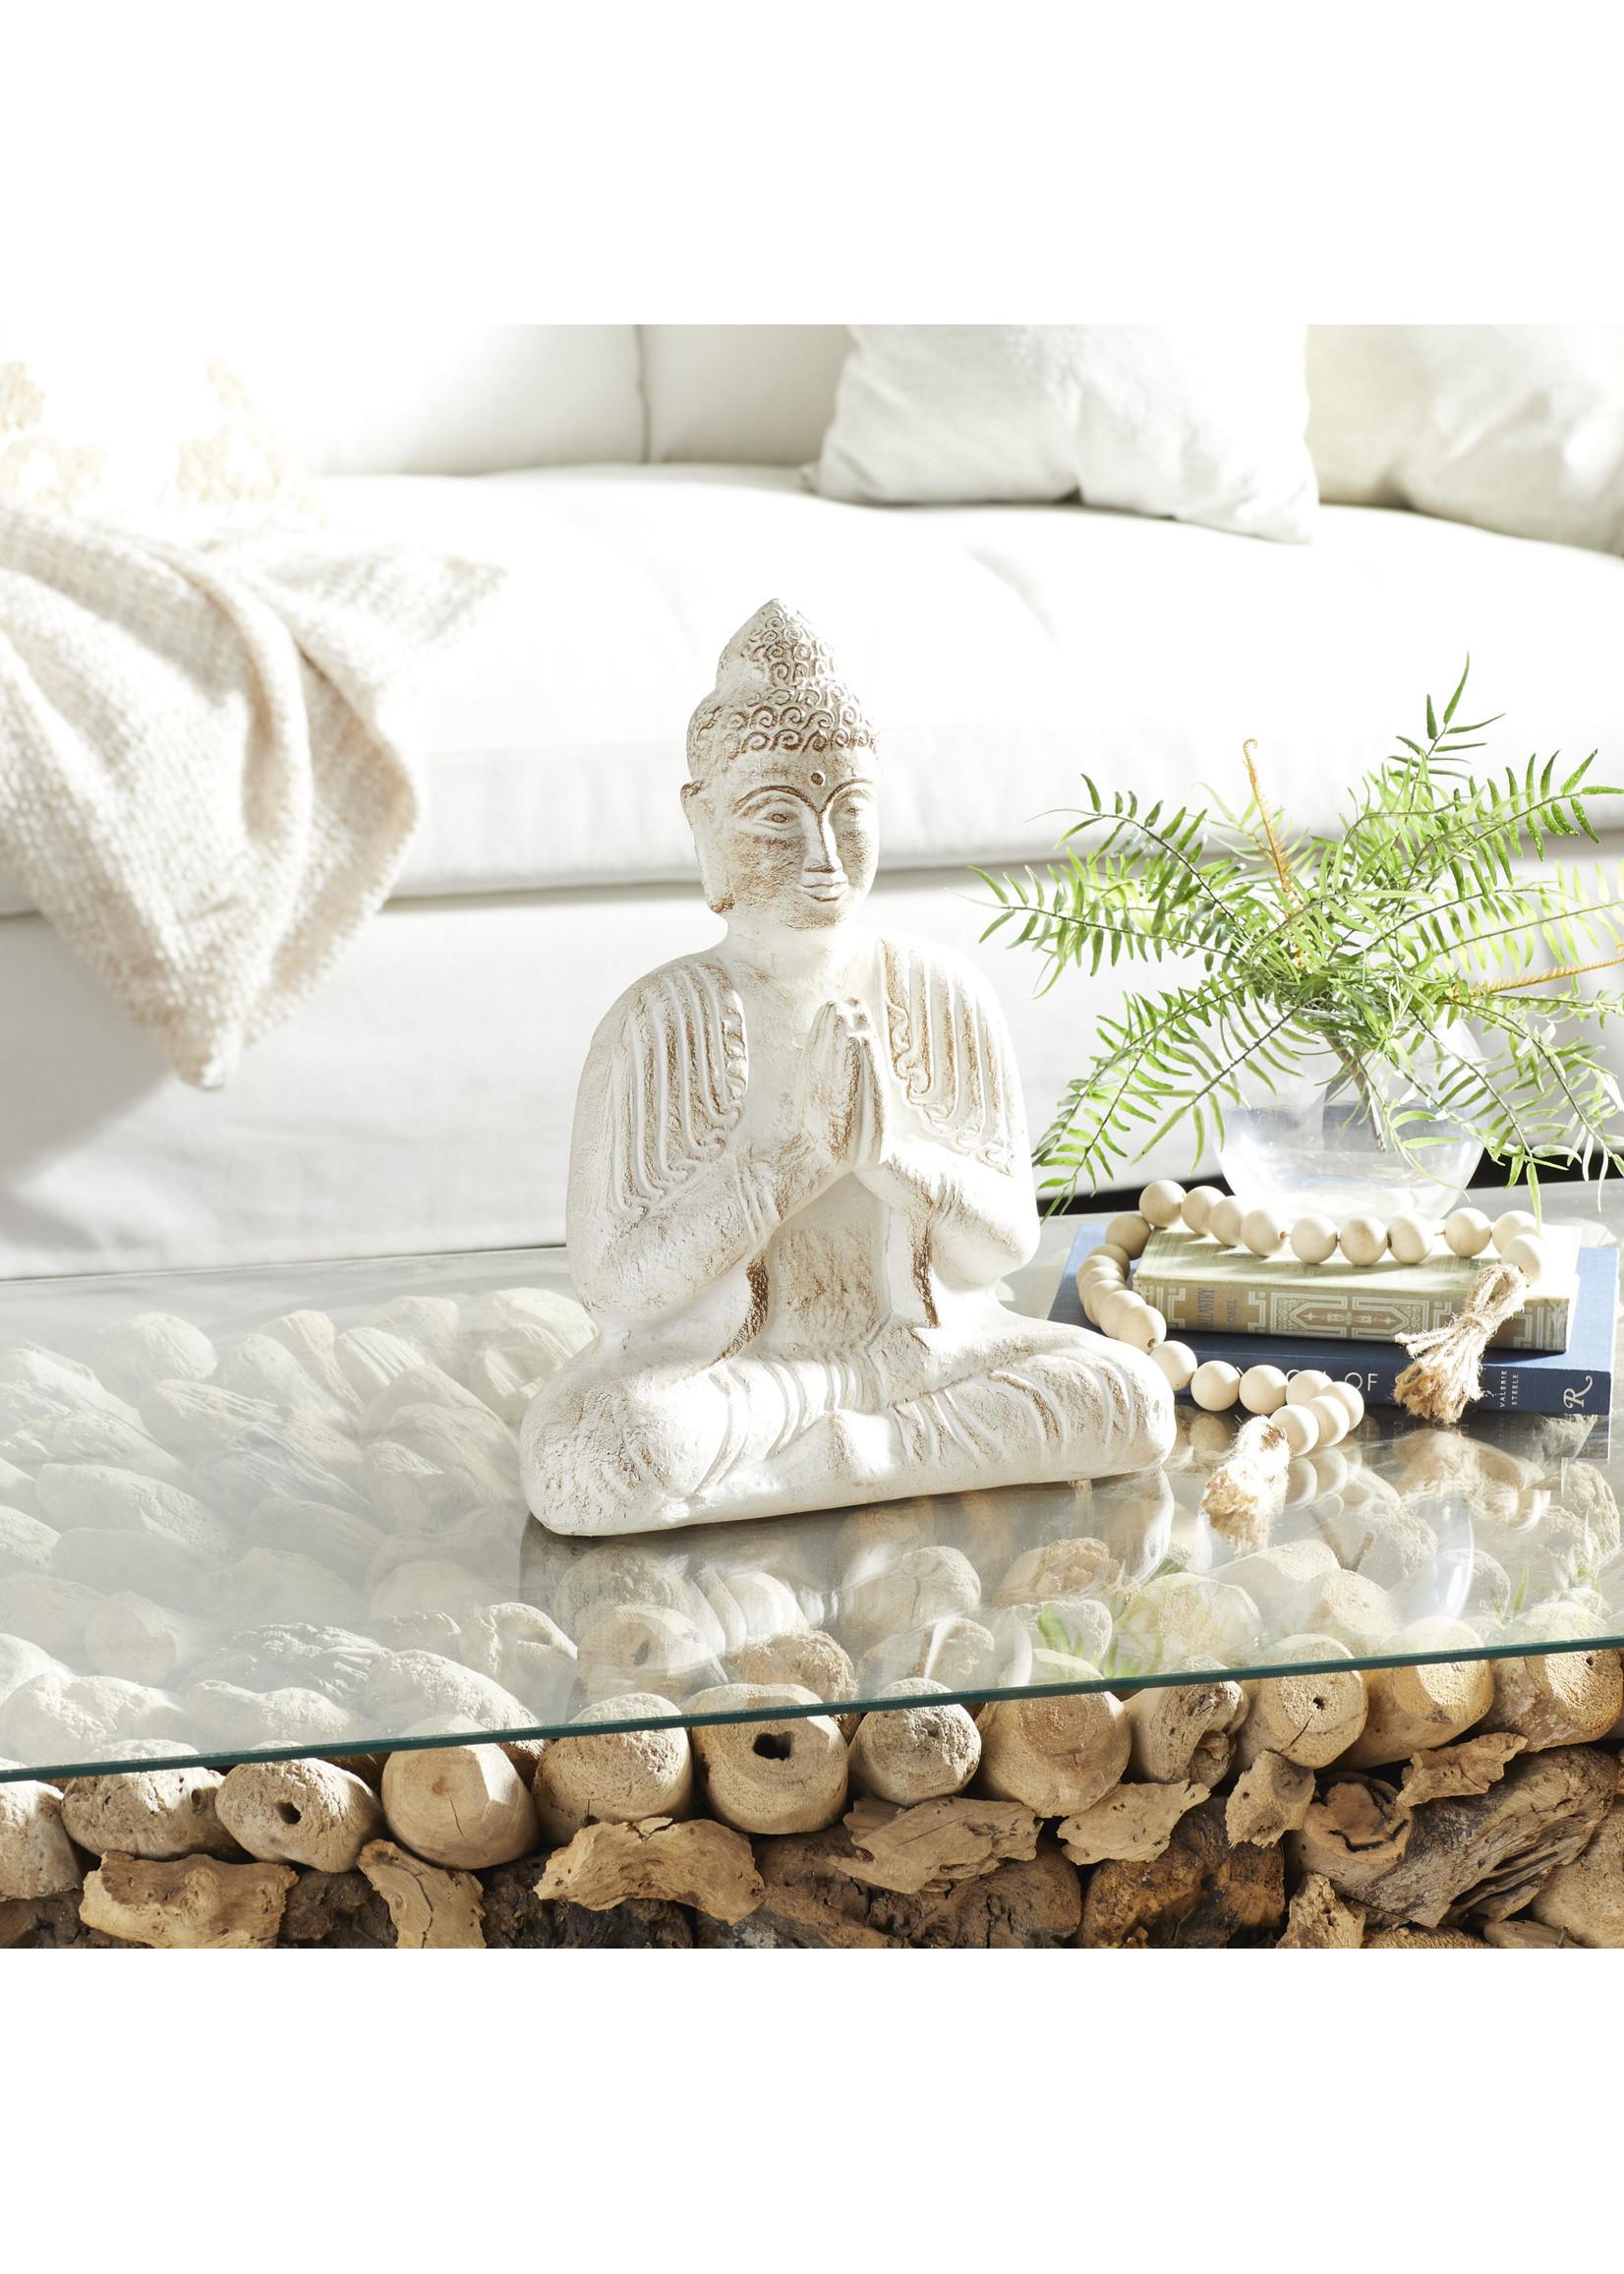 UMA Enterprises PPR Buddha 13 x 16 Wht